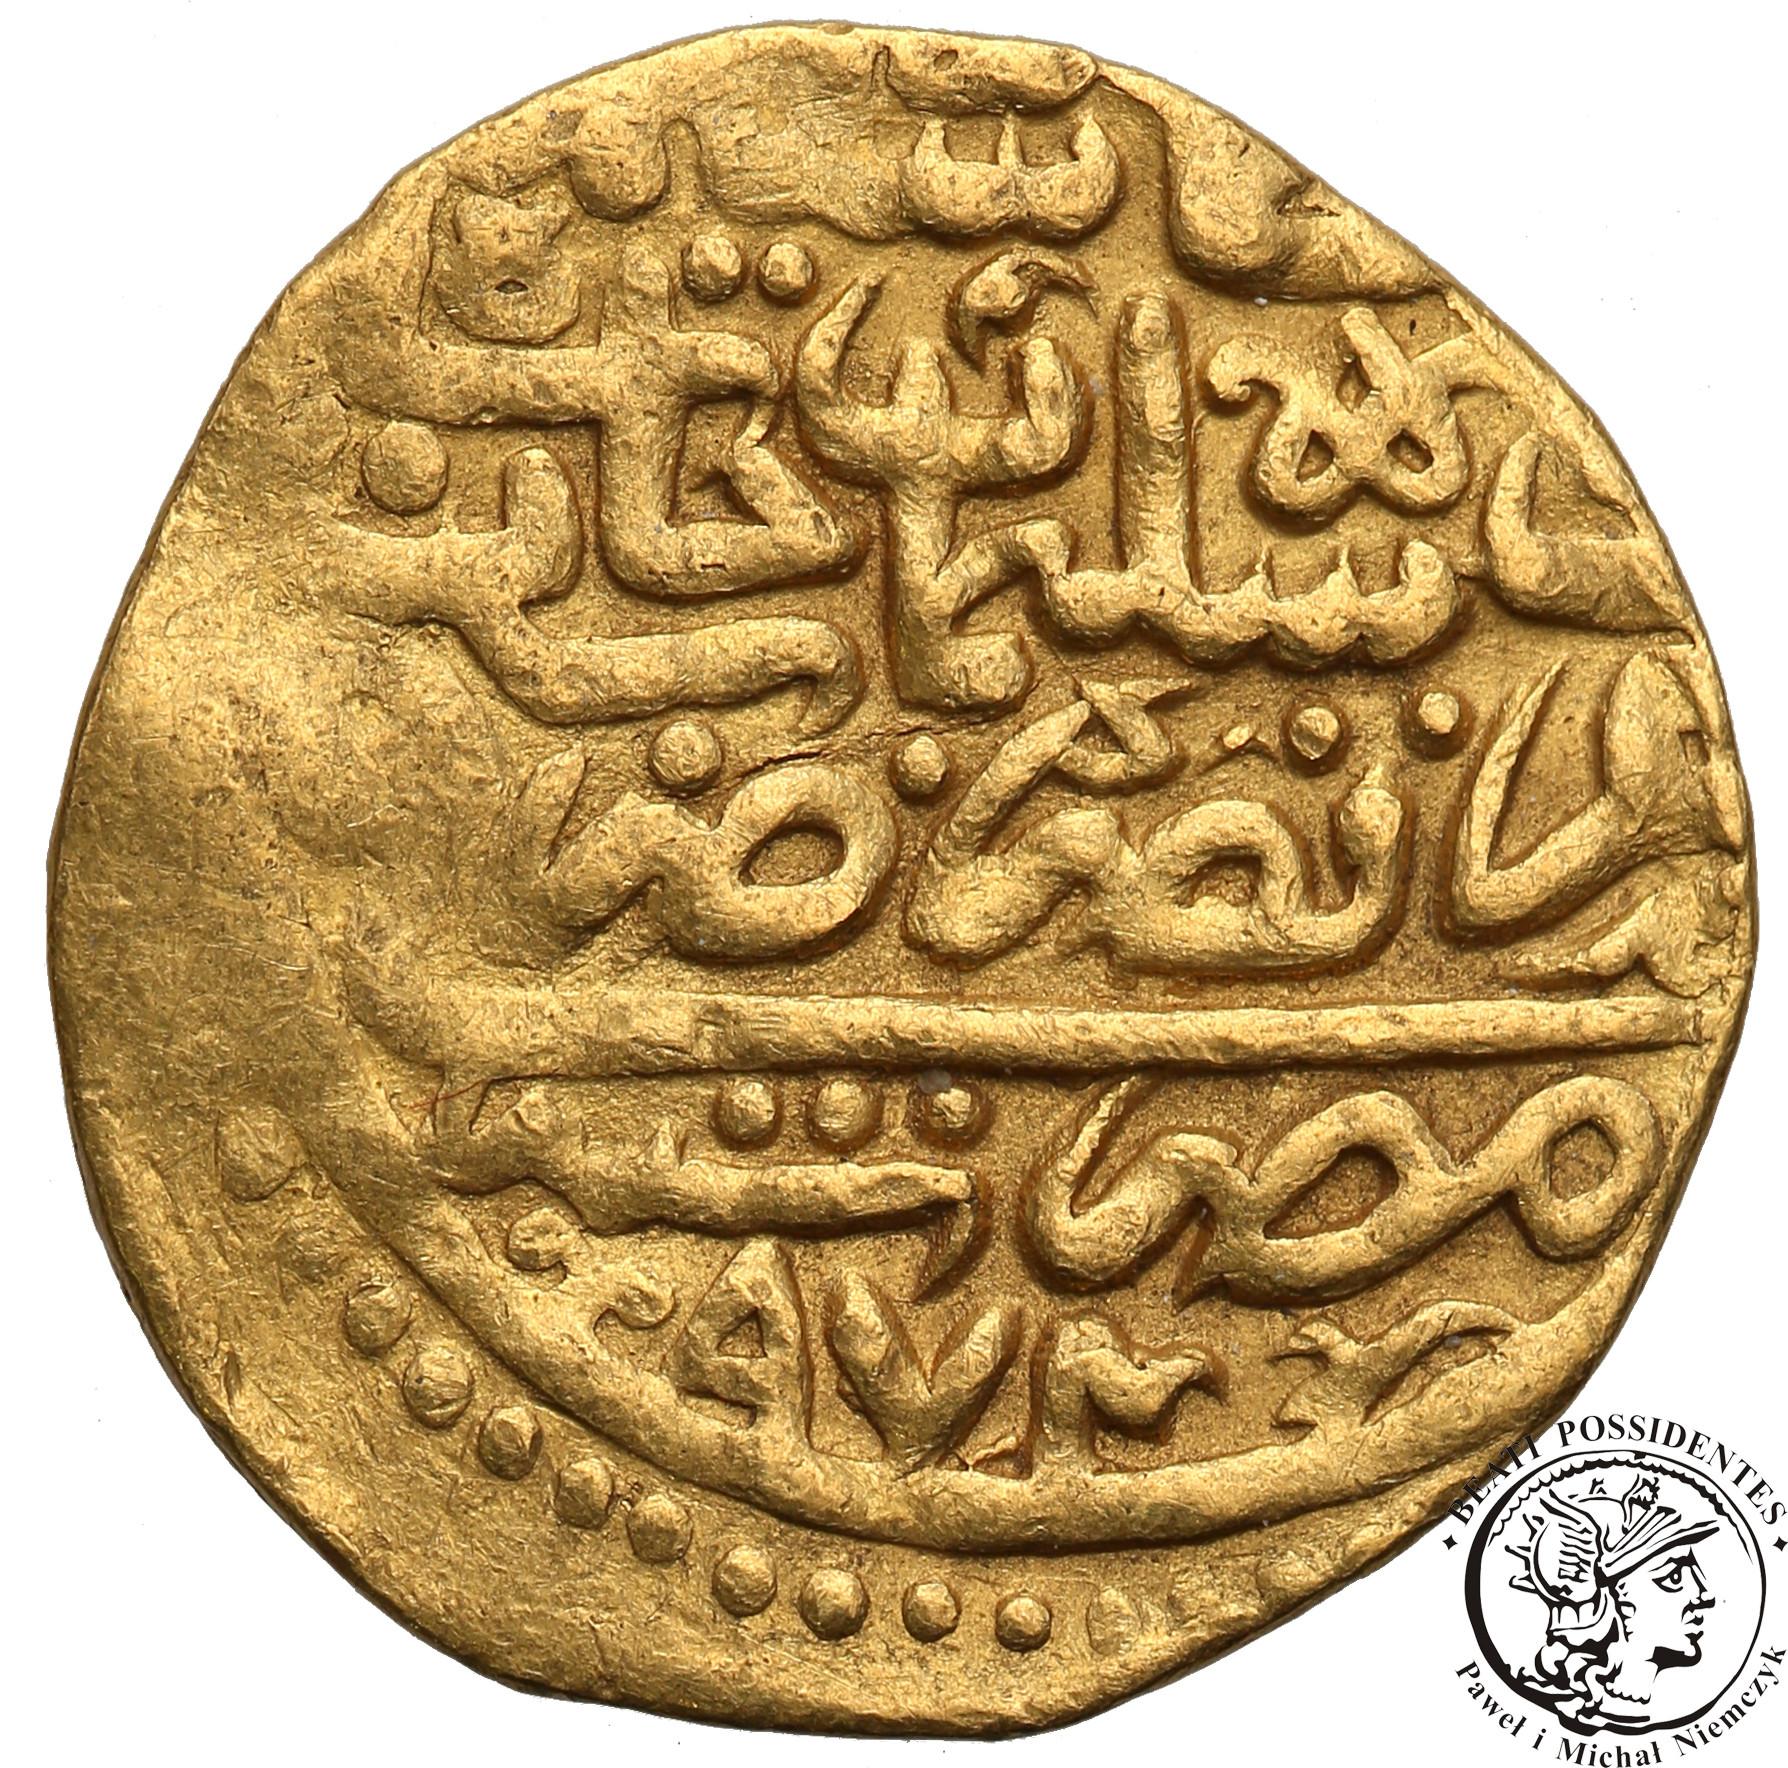 Egipt Selim II 1566-74 ałtyn AH 974 (1566) st.3+